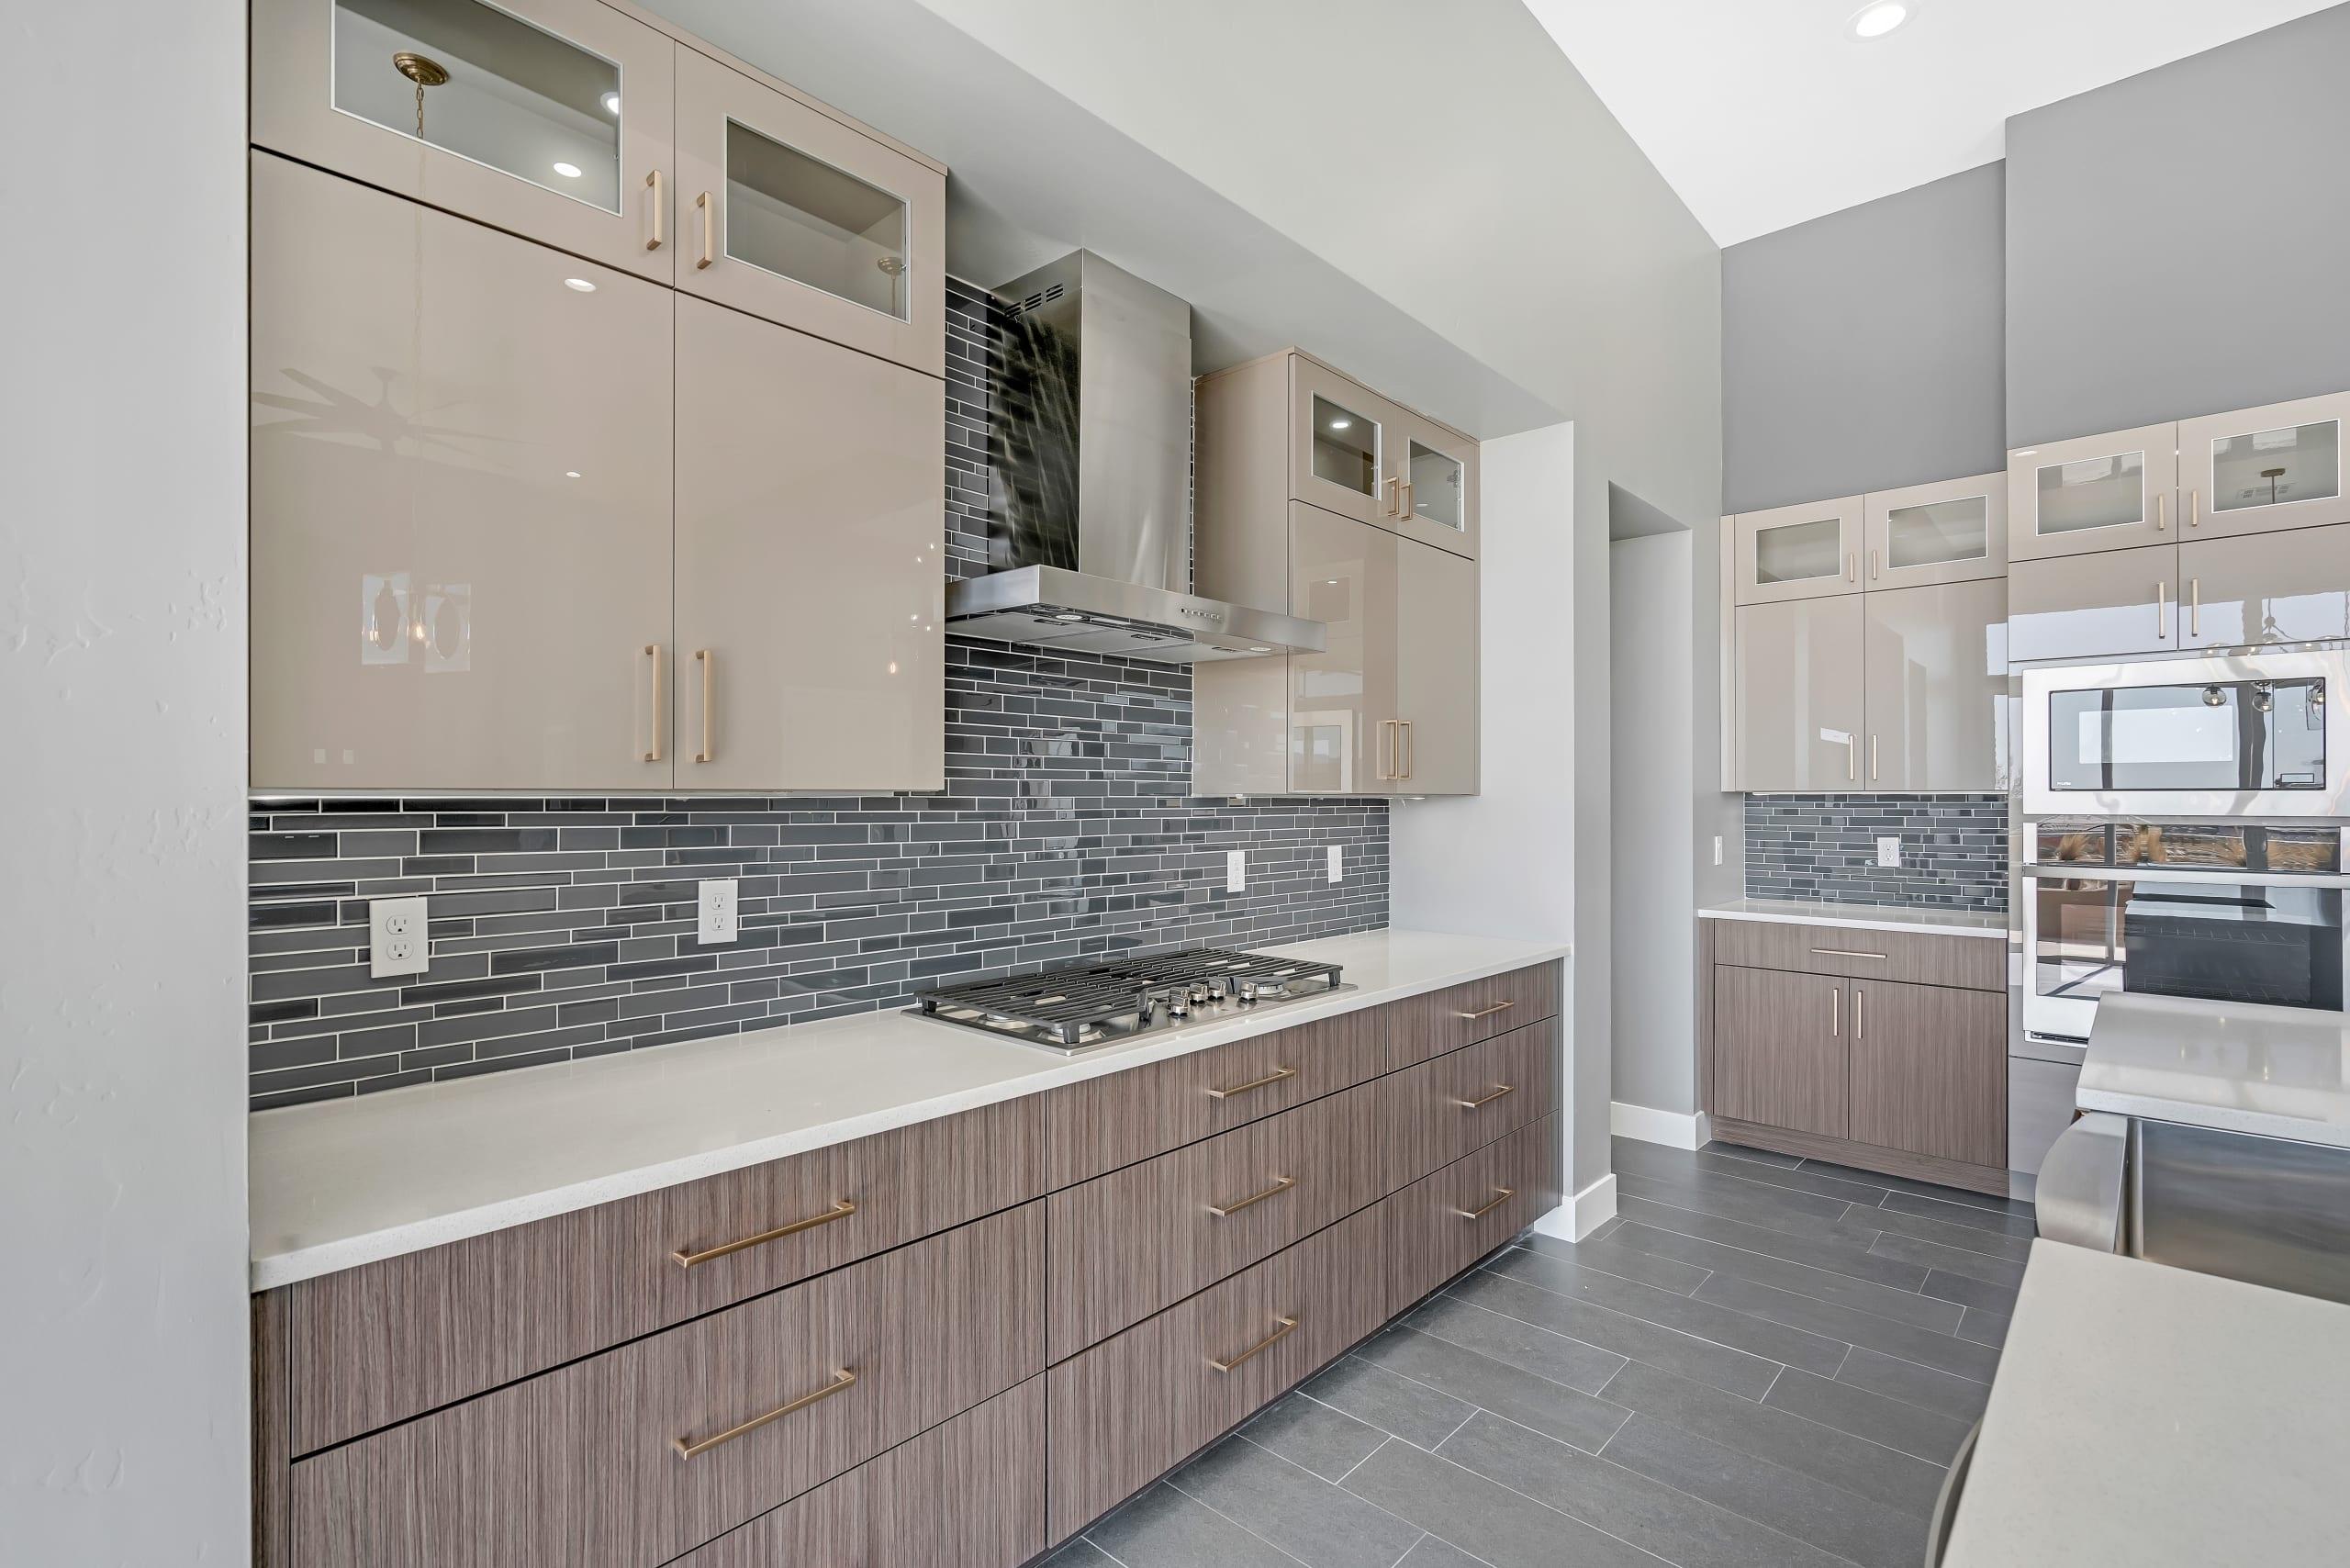 2914 East Springs - Kitchen - Range